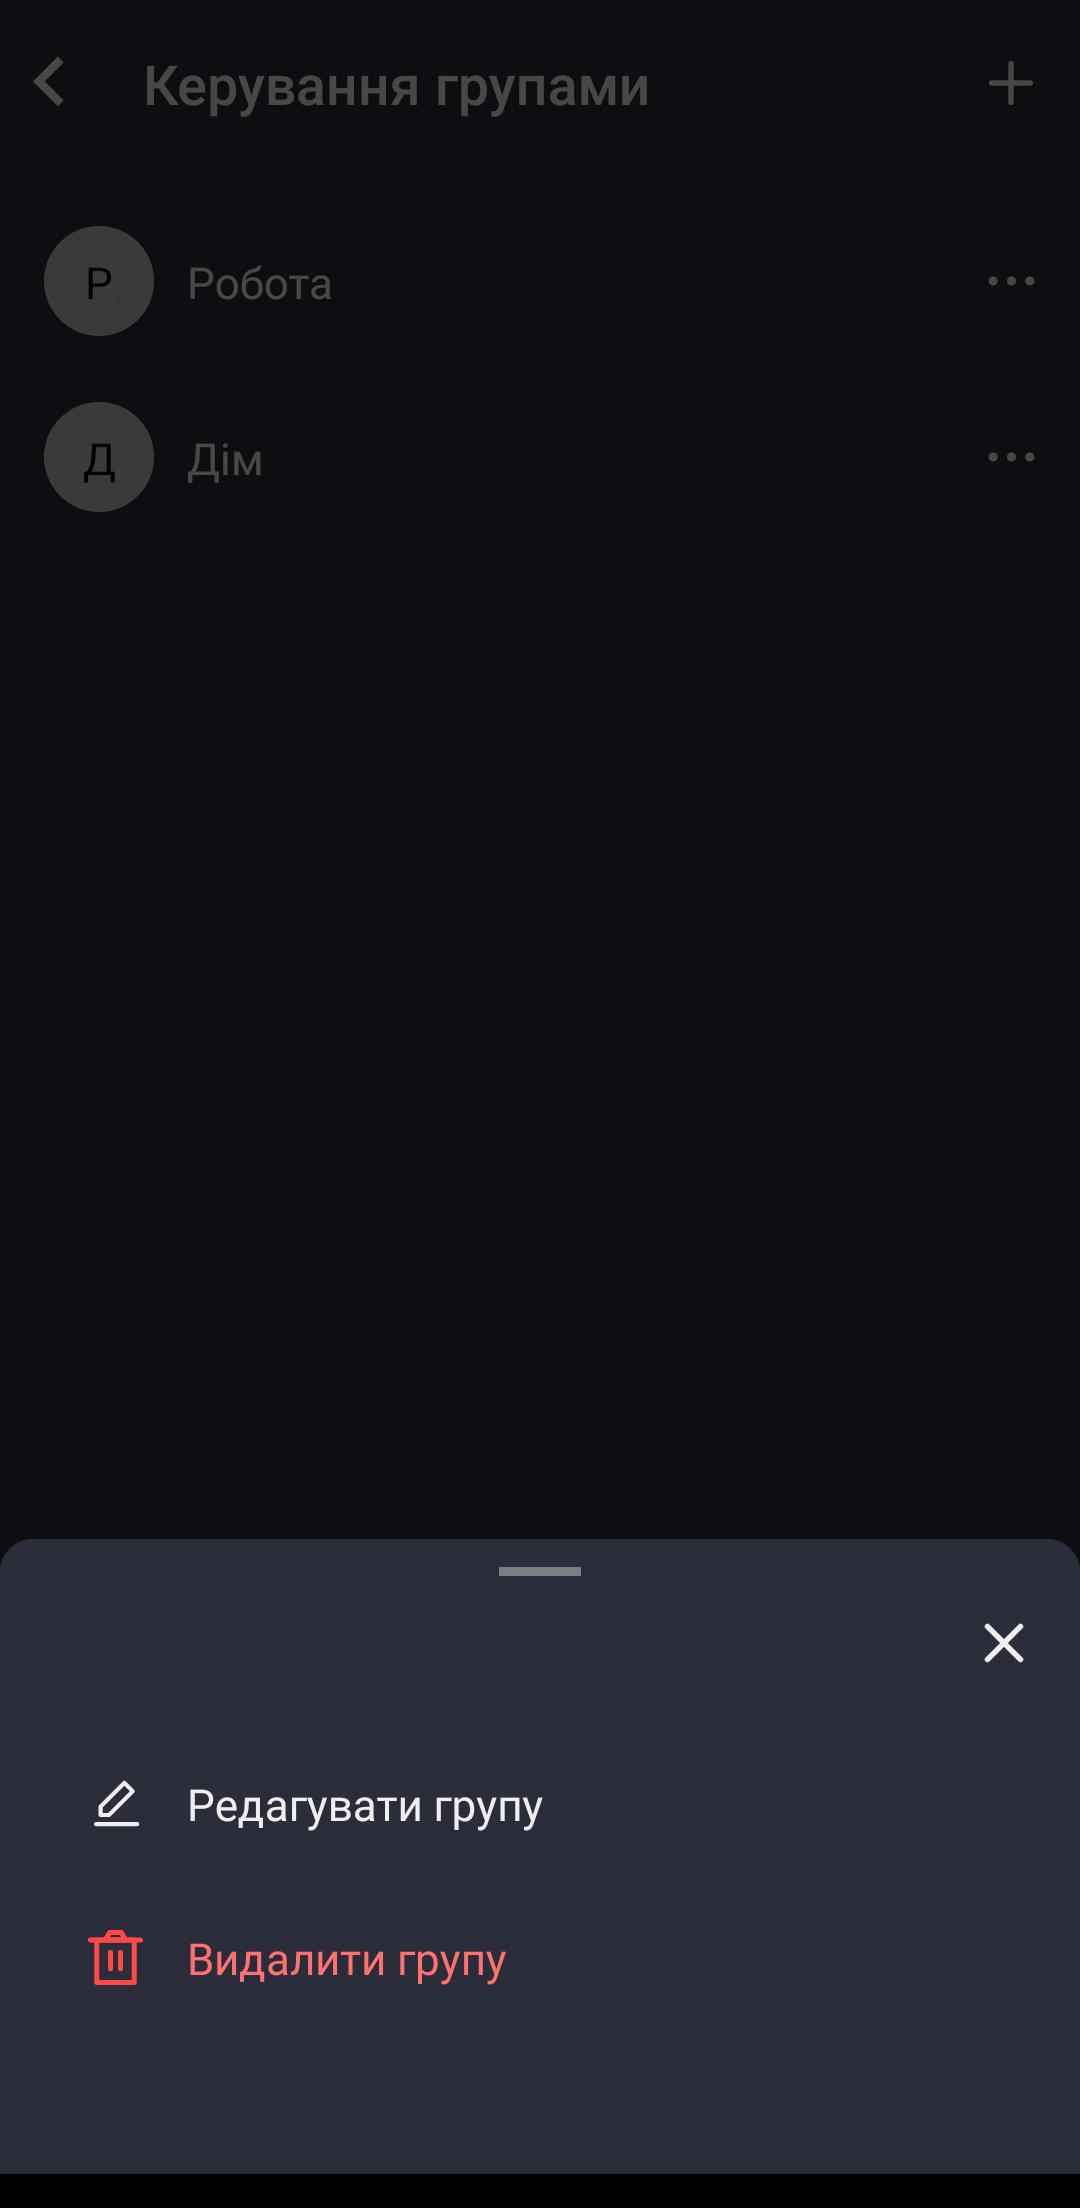 Редактирование группы точек доступа в мобильном приложении Propuskator